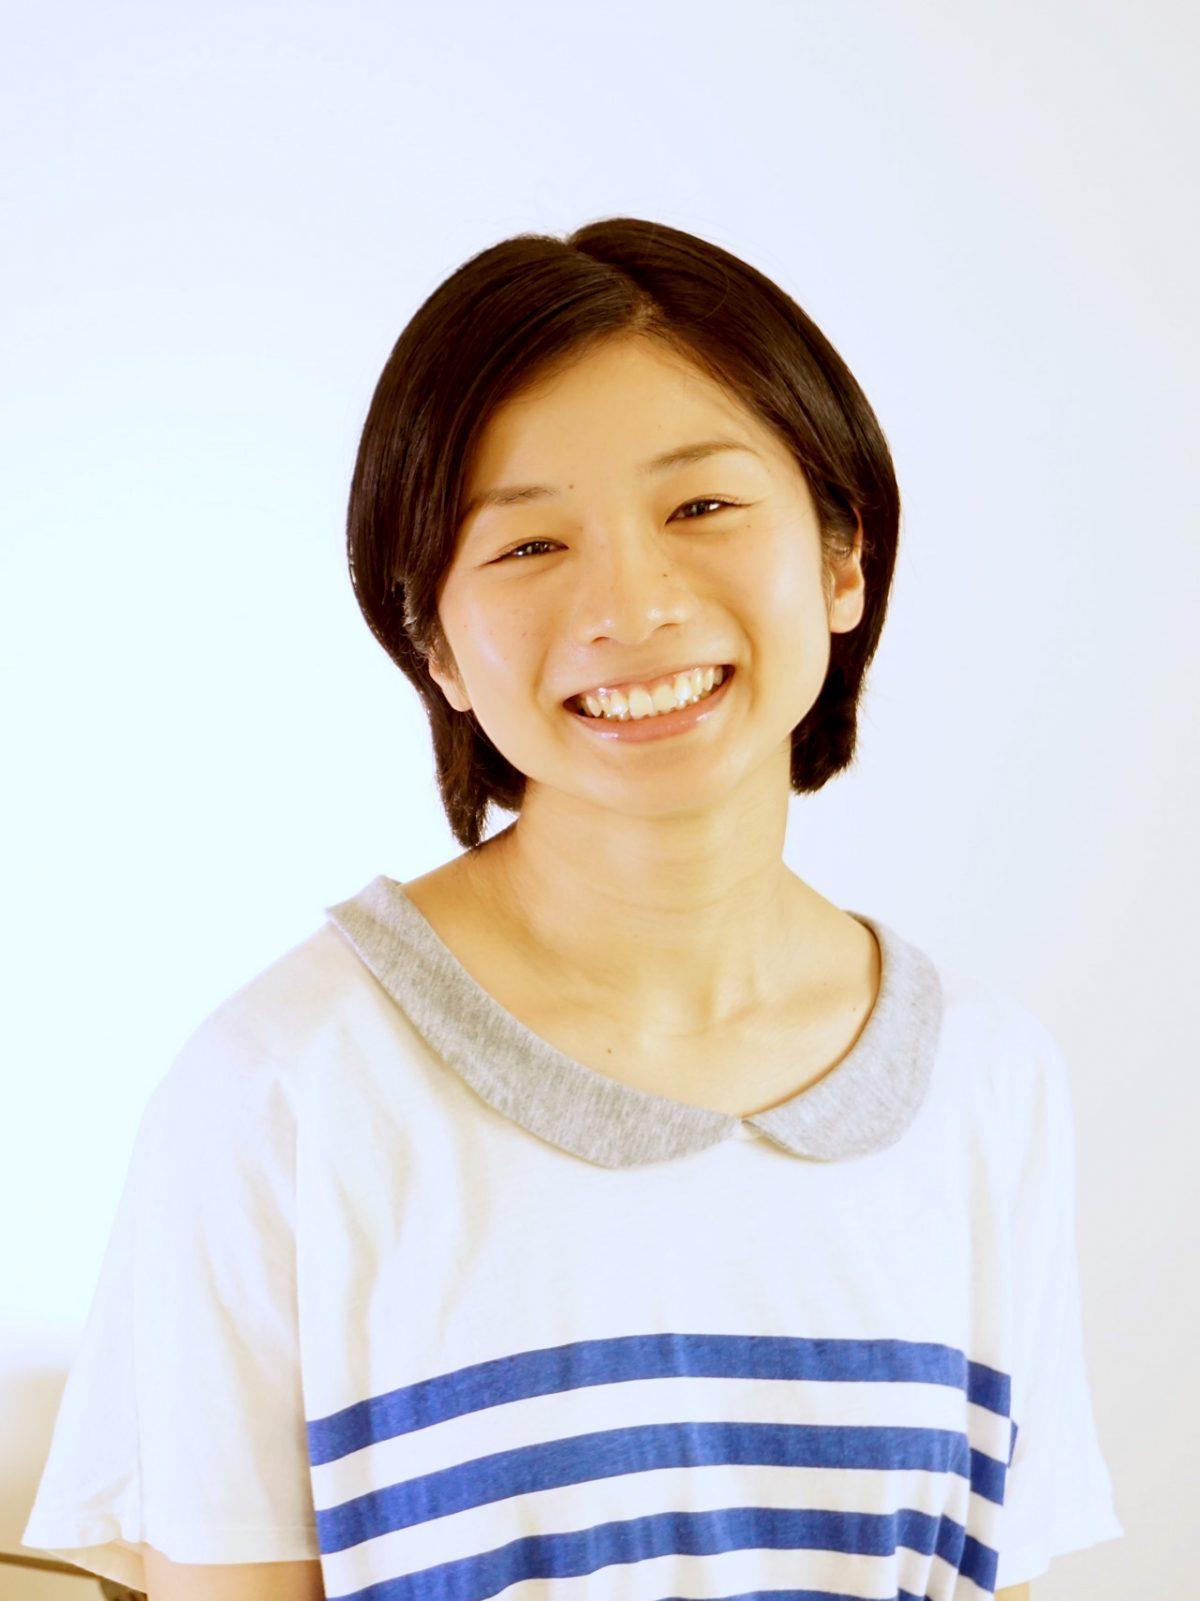 井上みなみMinami Inoue